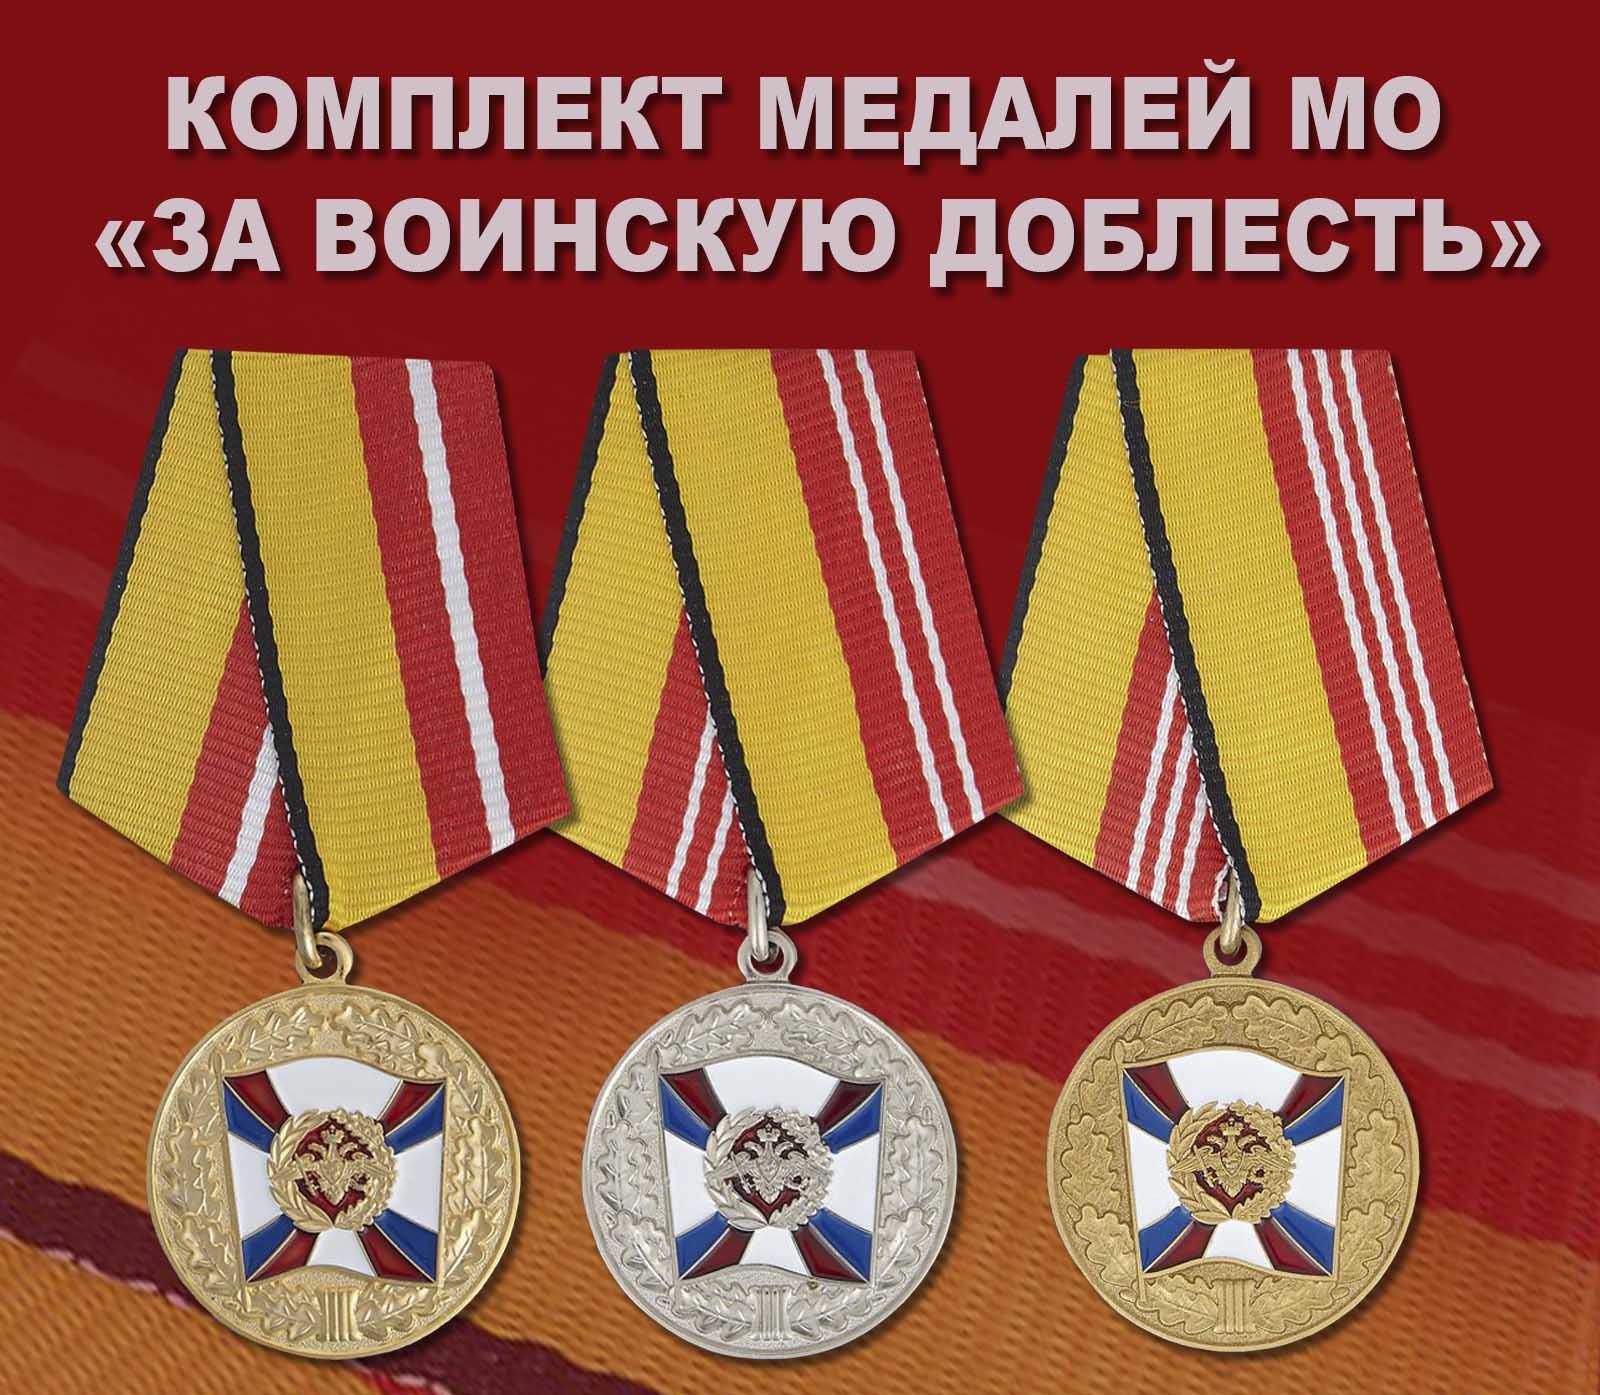 """Комплект медалей """"За воинскую доблесть"""" МО"""